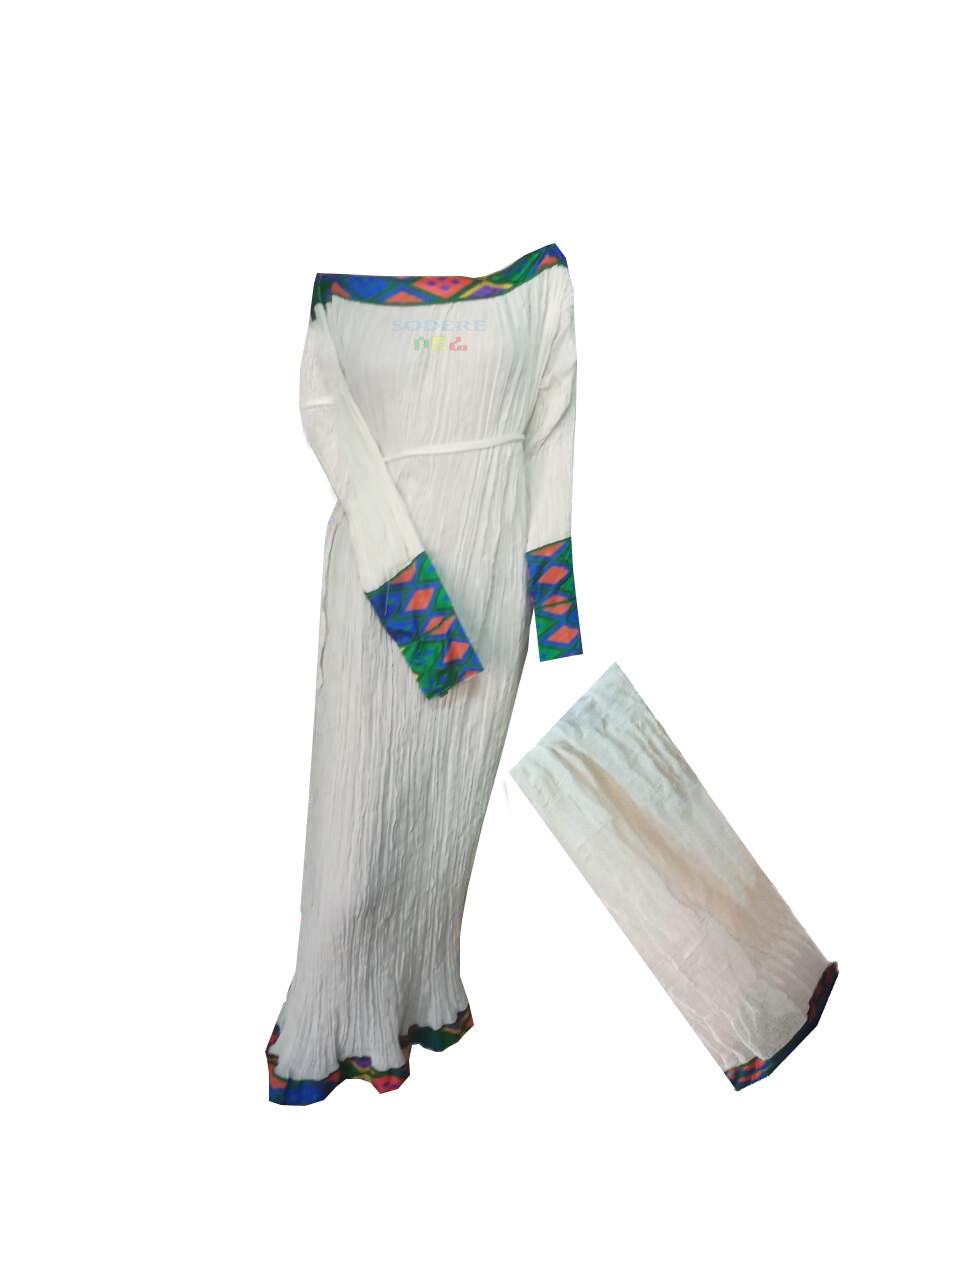 ረዘም ያለ የሀበሻ ቀሚስ  Ethiopian Traditional Long Dress Free Size